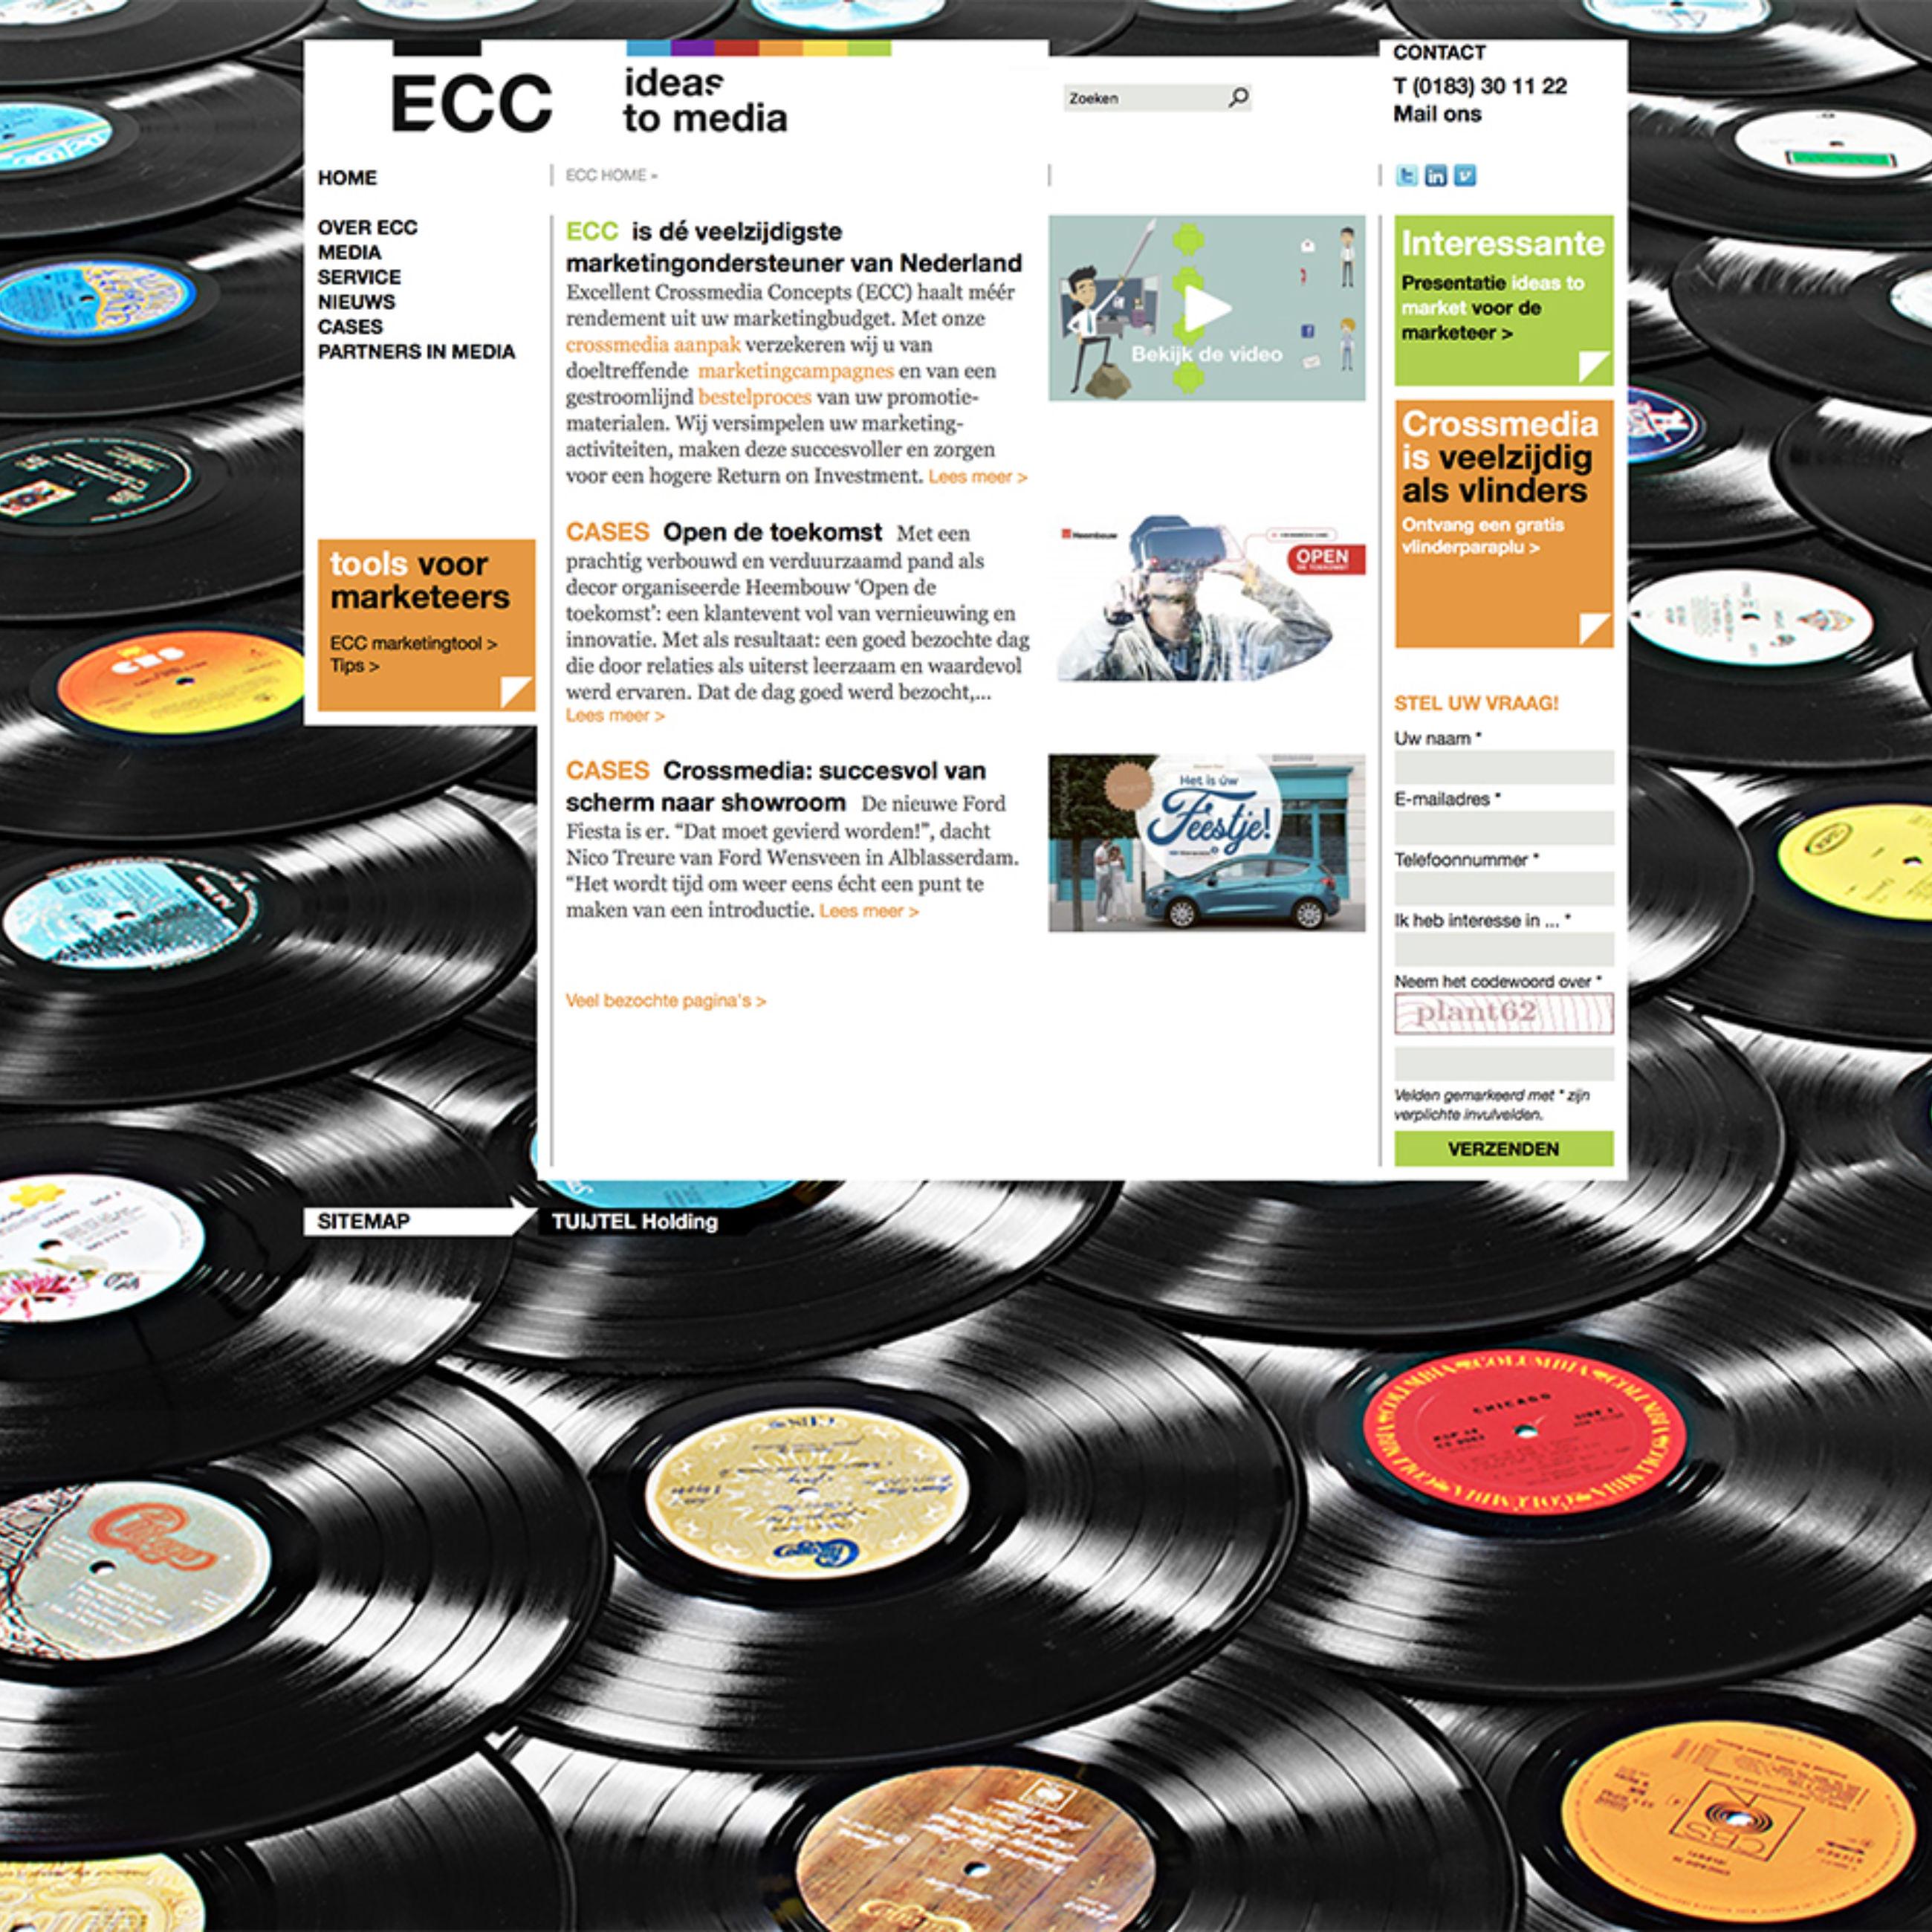 Ecc06